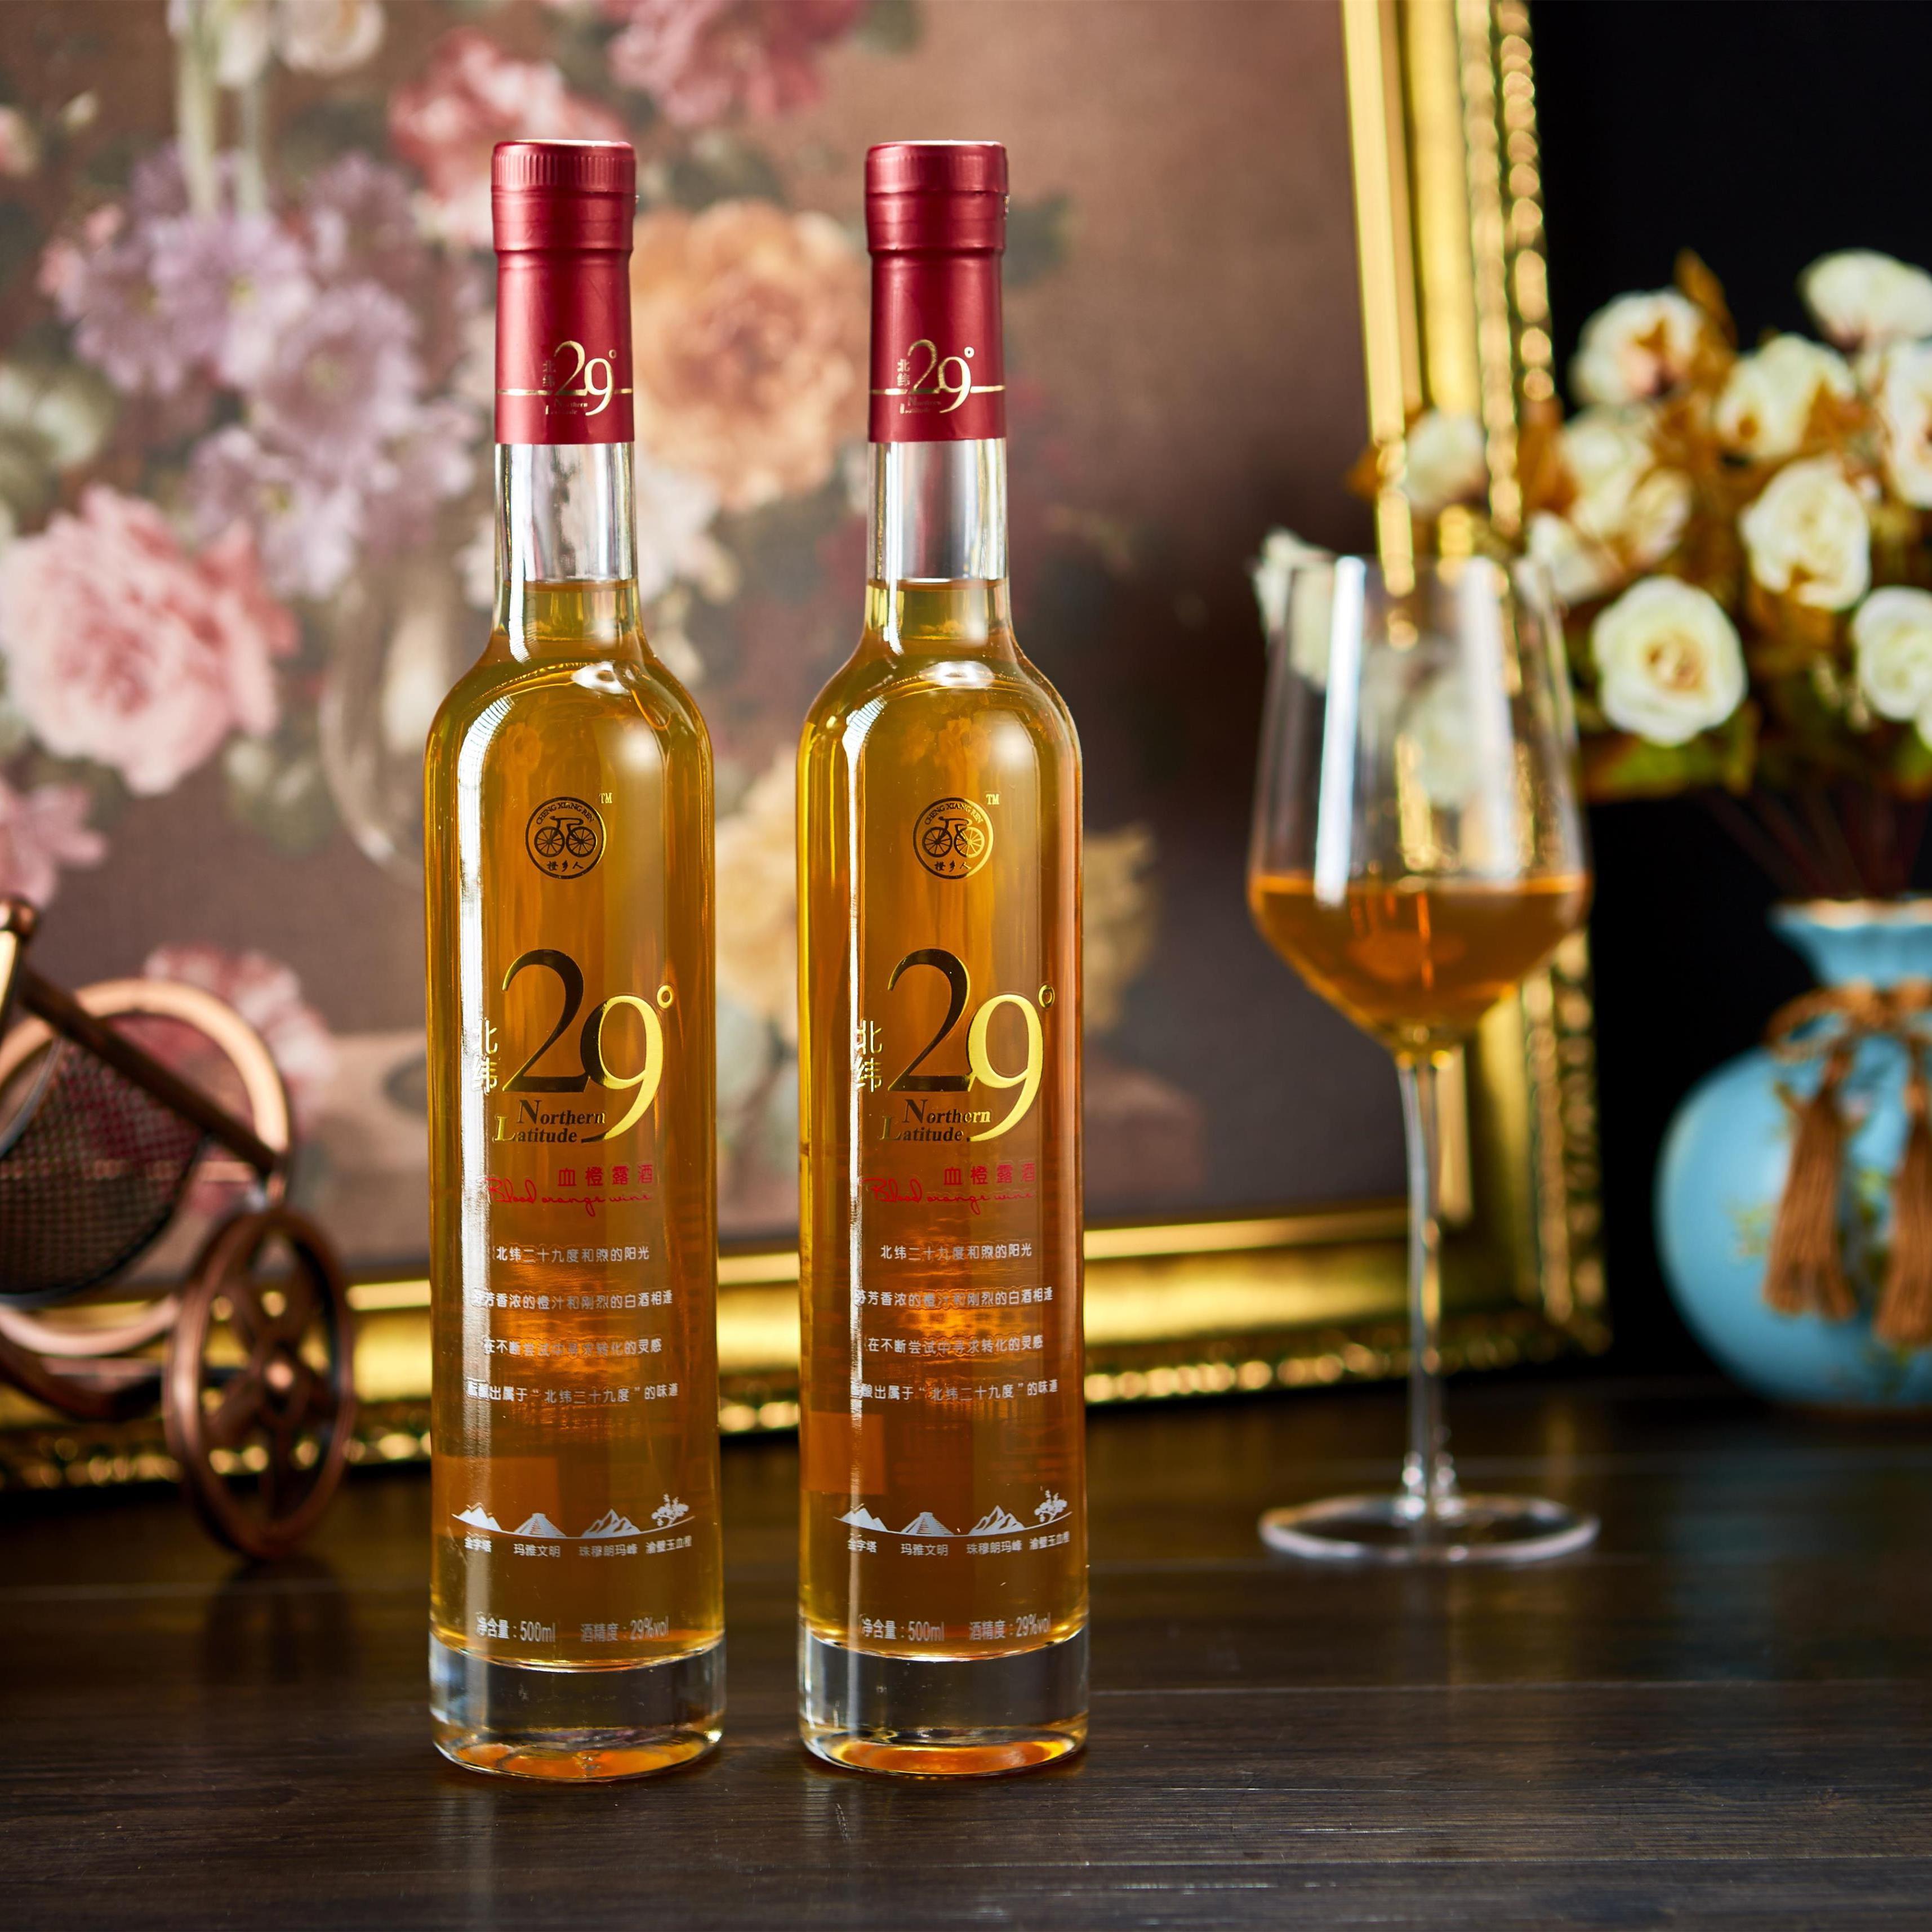 橙乡人血橙酒 如何防皇冠非正常投注|免费注册 29%低度数 血橙美酒 露酒   北纬...